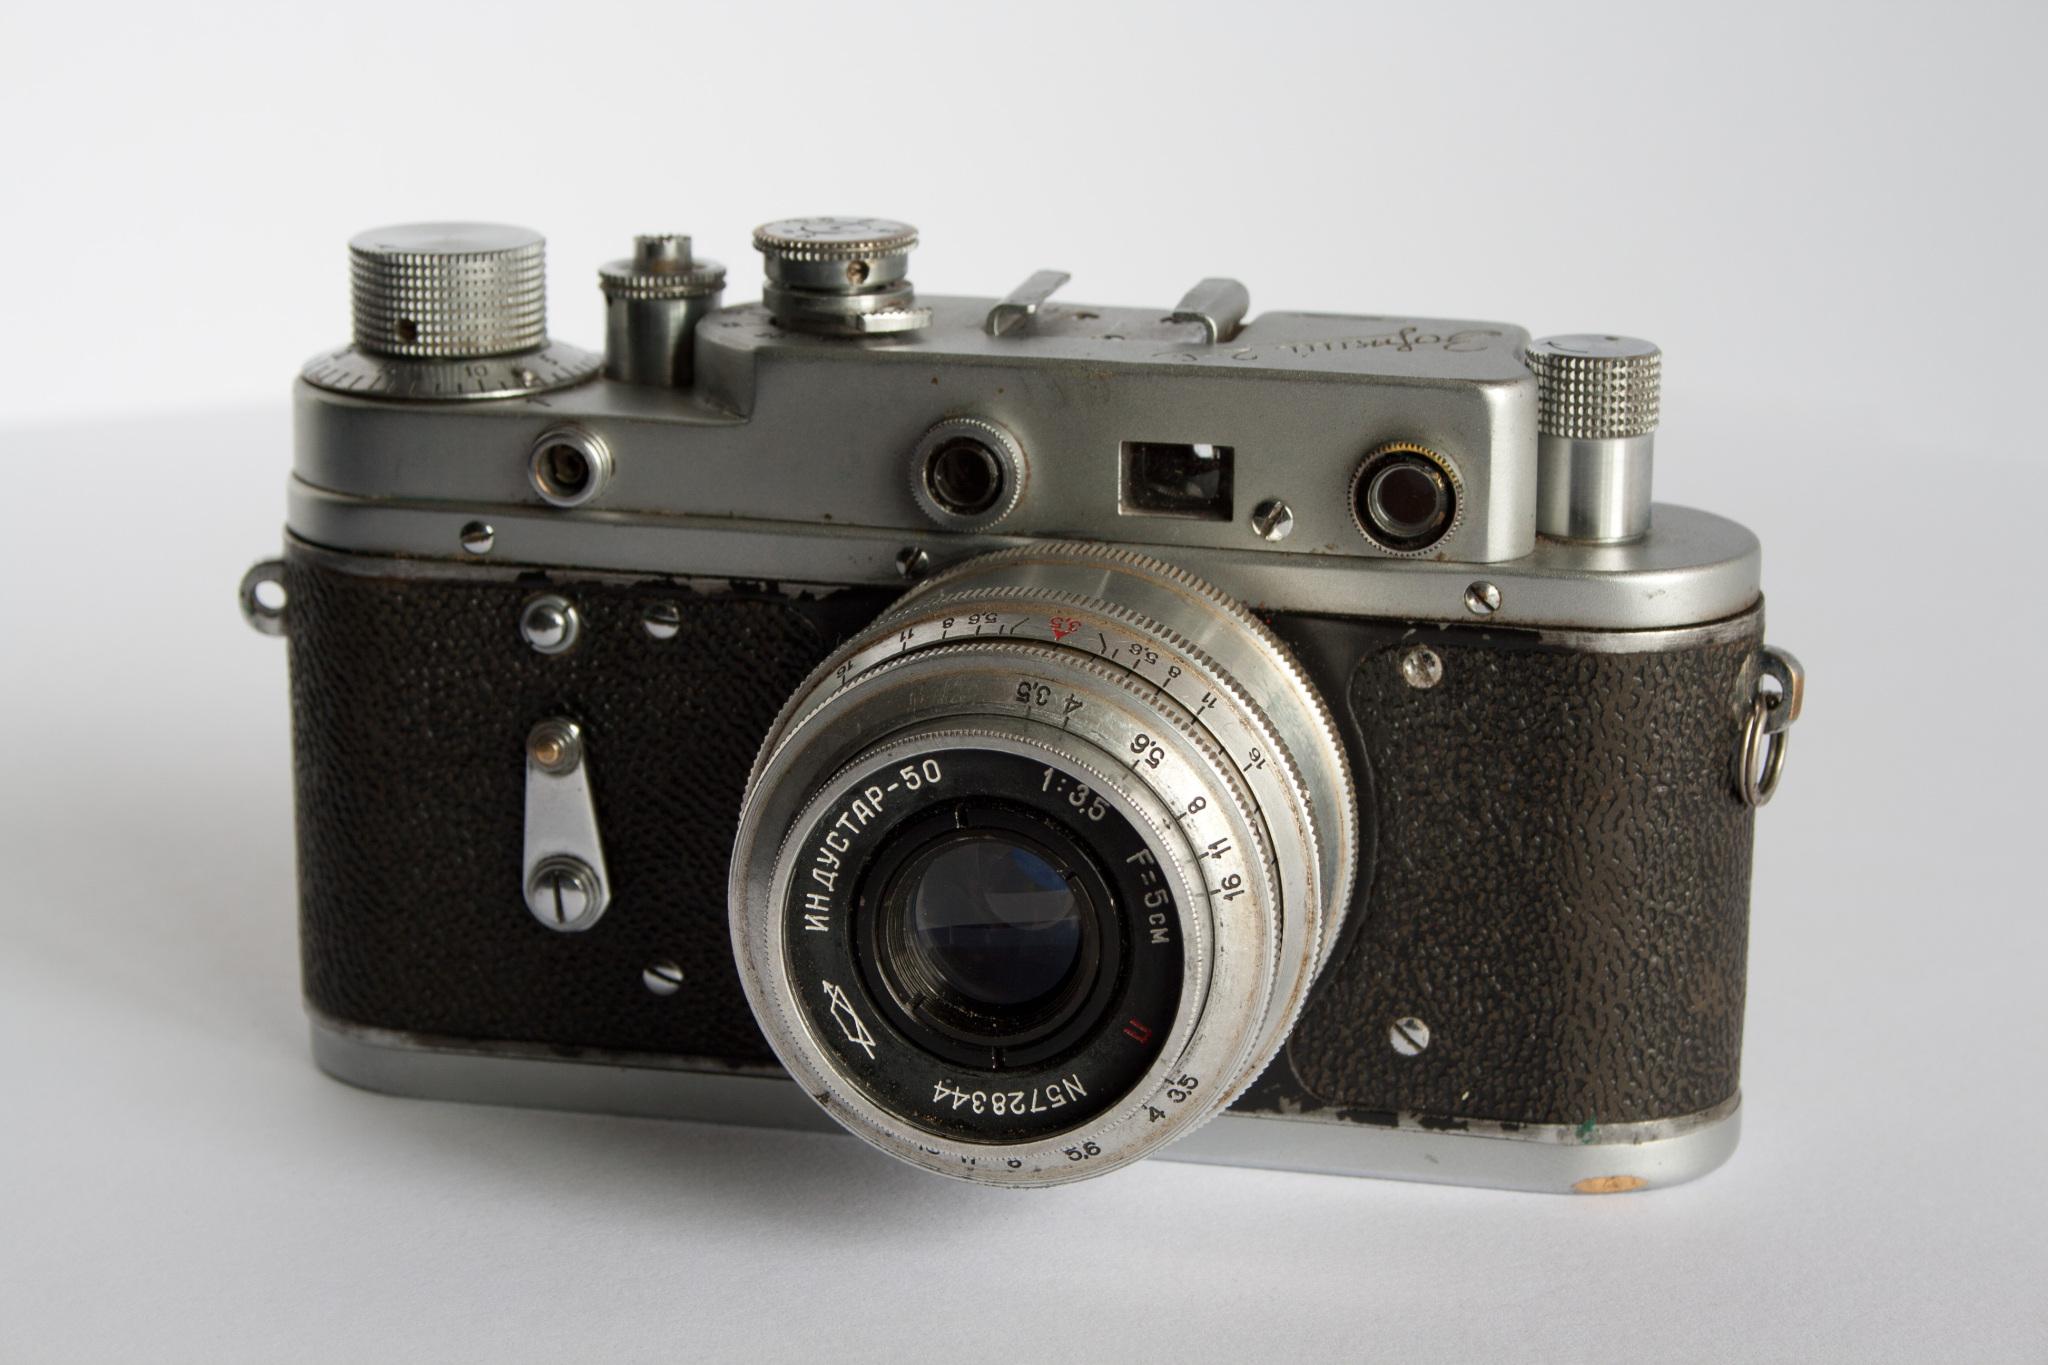 Melhores máquinas fotográficas vintage 2i26akz